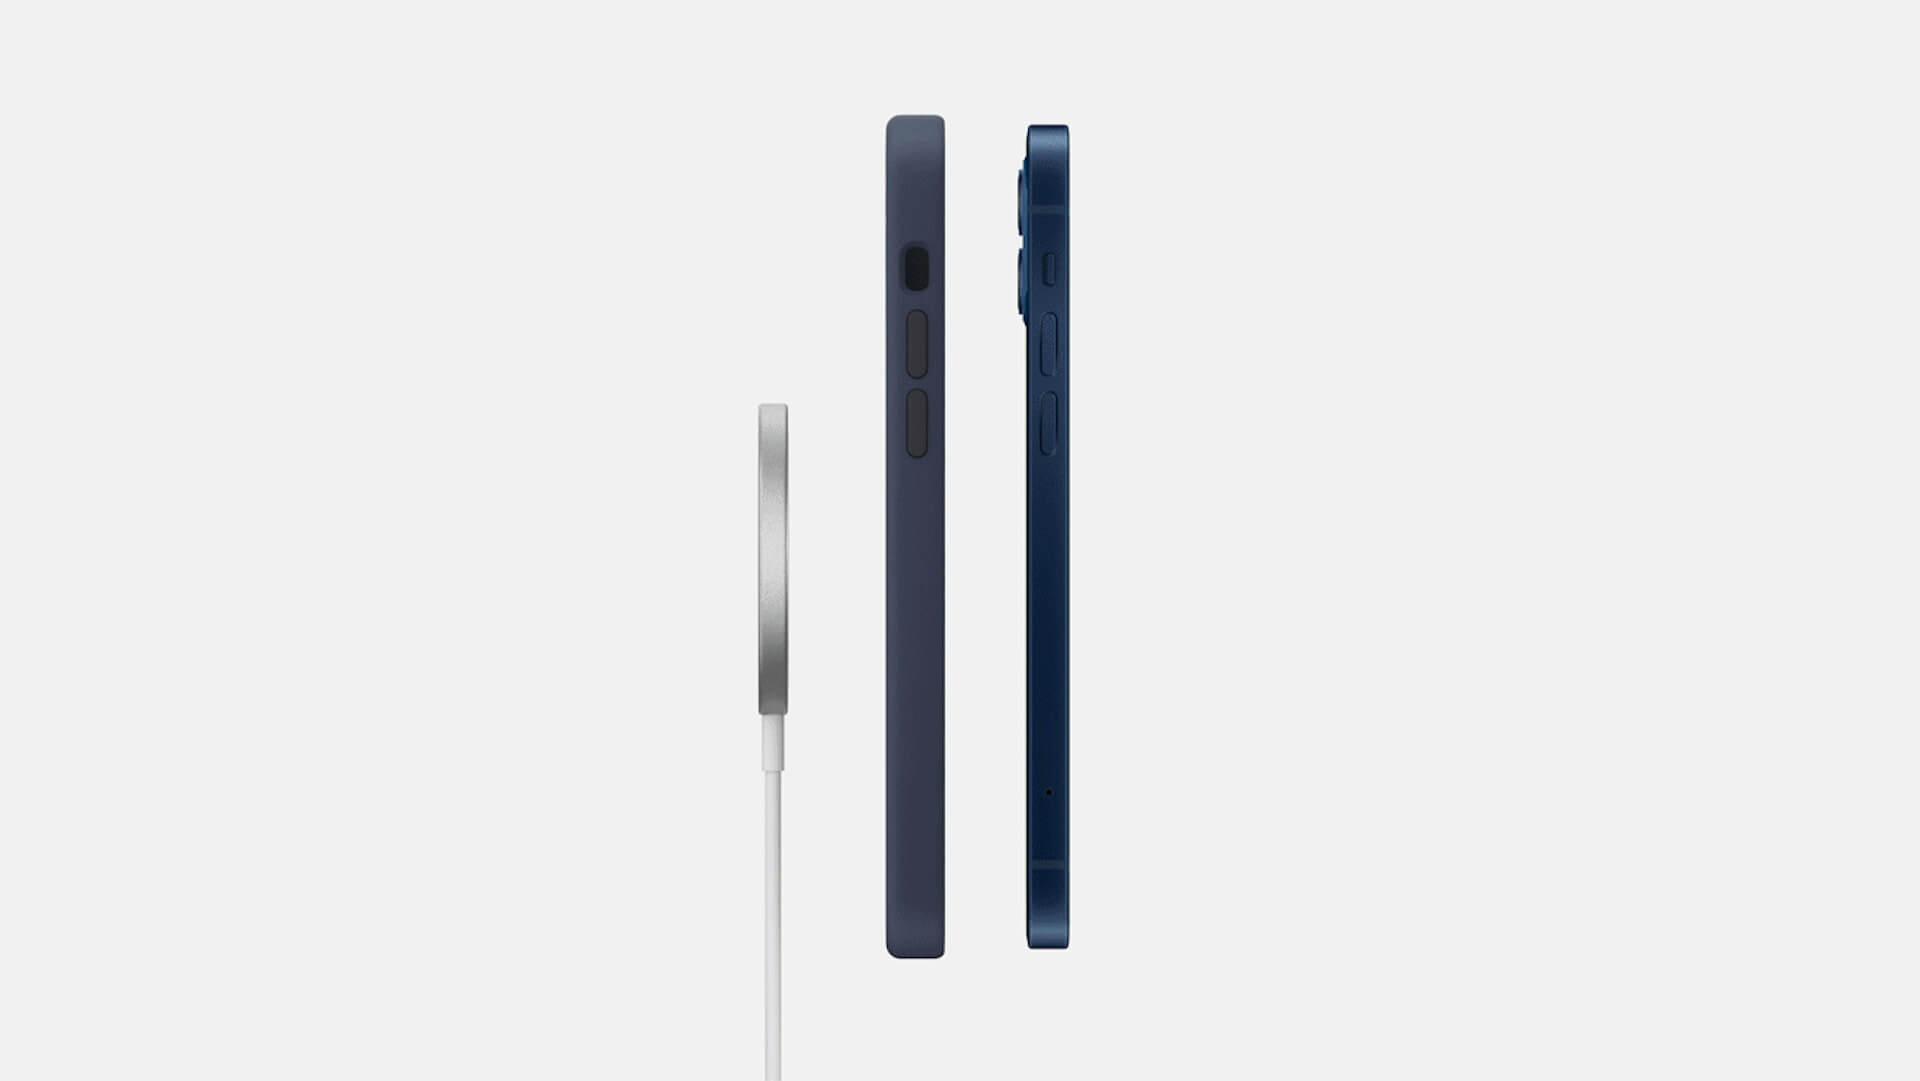 iPhone 12シリーズをMagSafe充電器で充電すると、ケースに丸い跡が残る可能性?Appleのサポートページで注意書き tech201026_iphone12_1